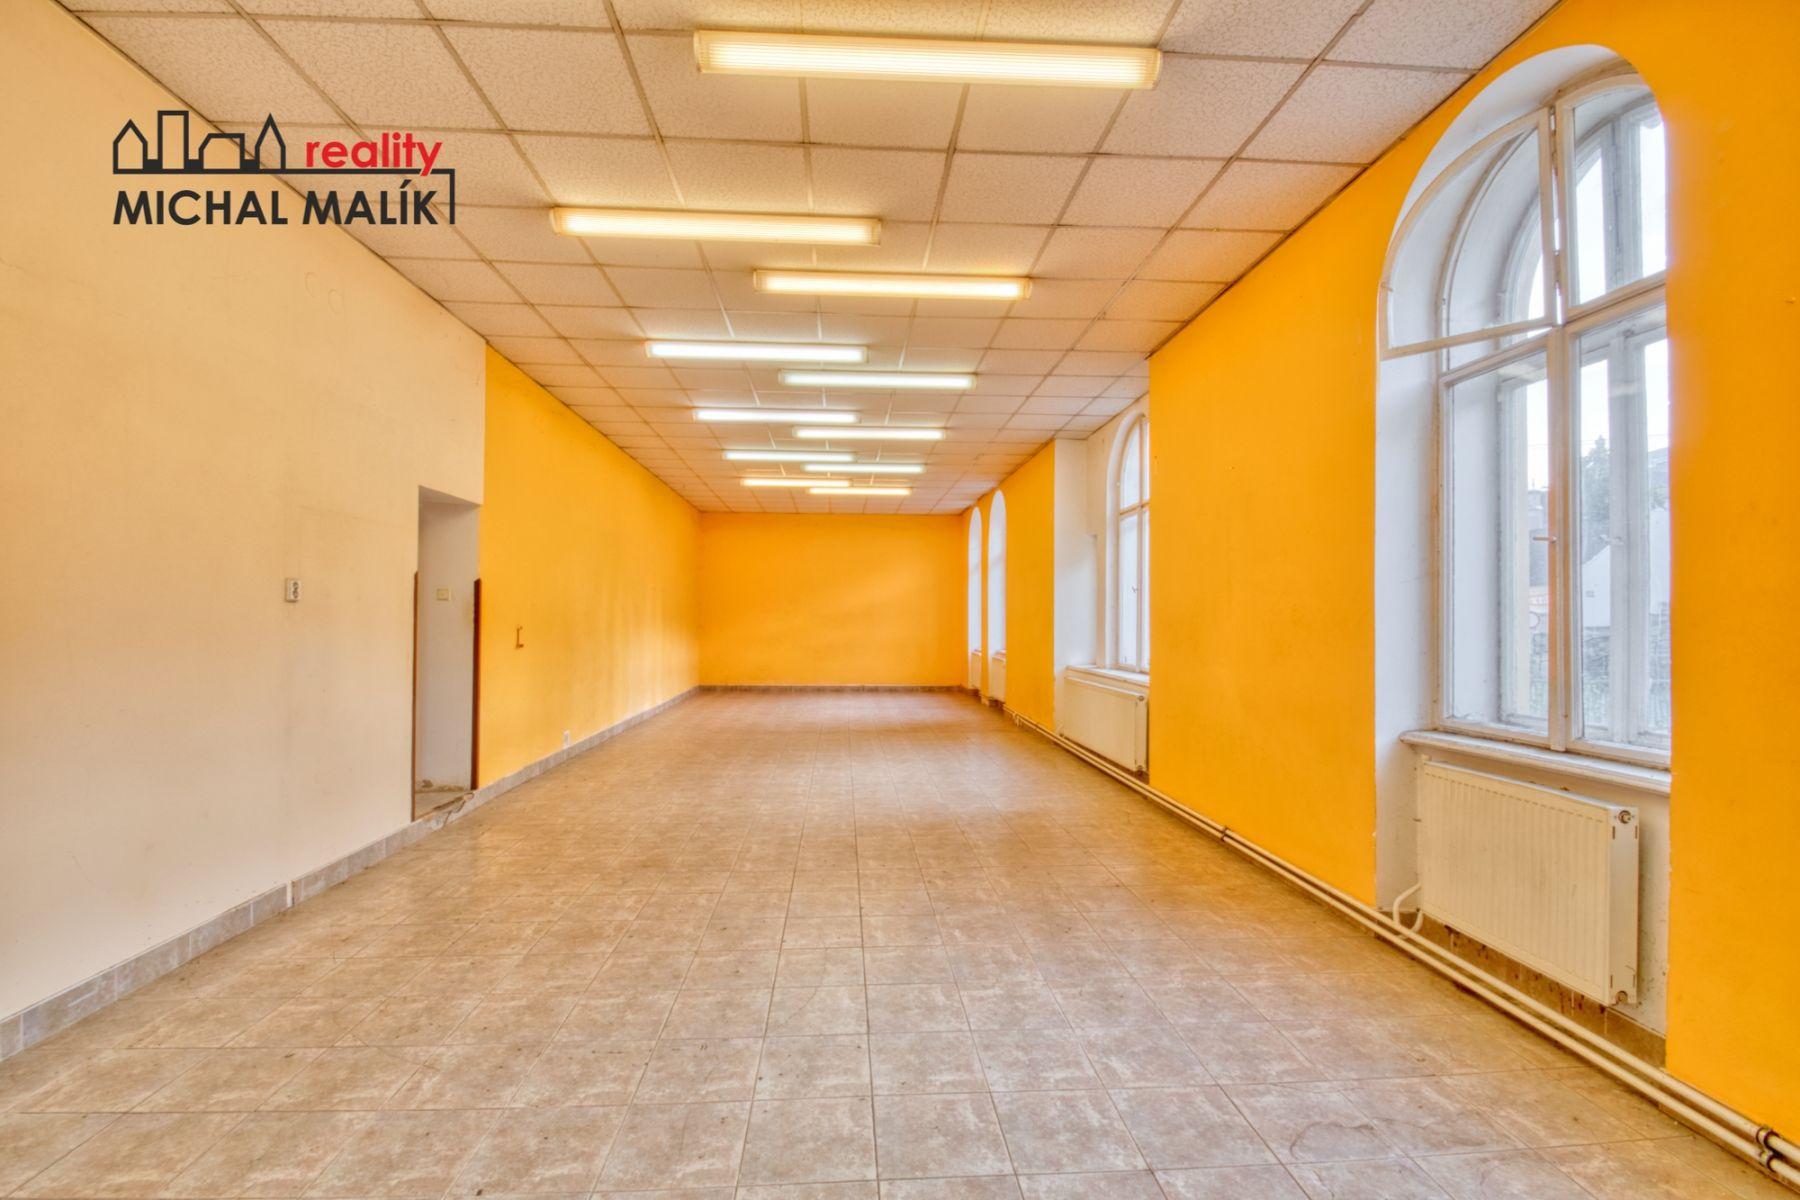 Pronájem nebytových prostor 193 m2, Komenského, Hranice